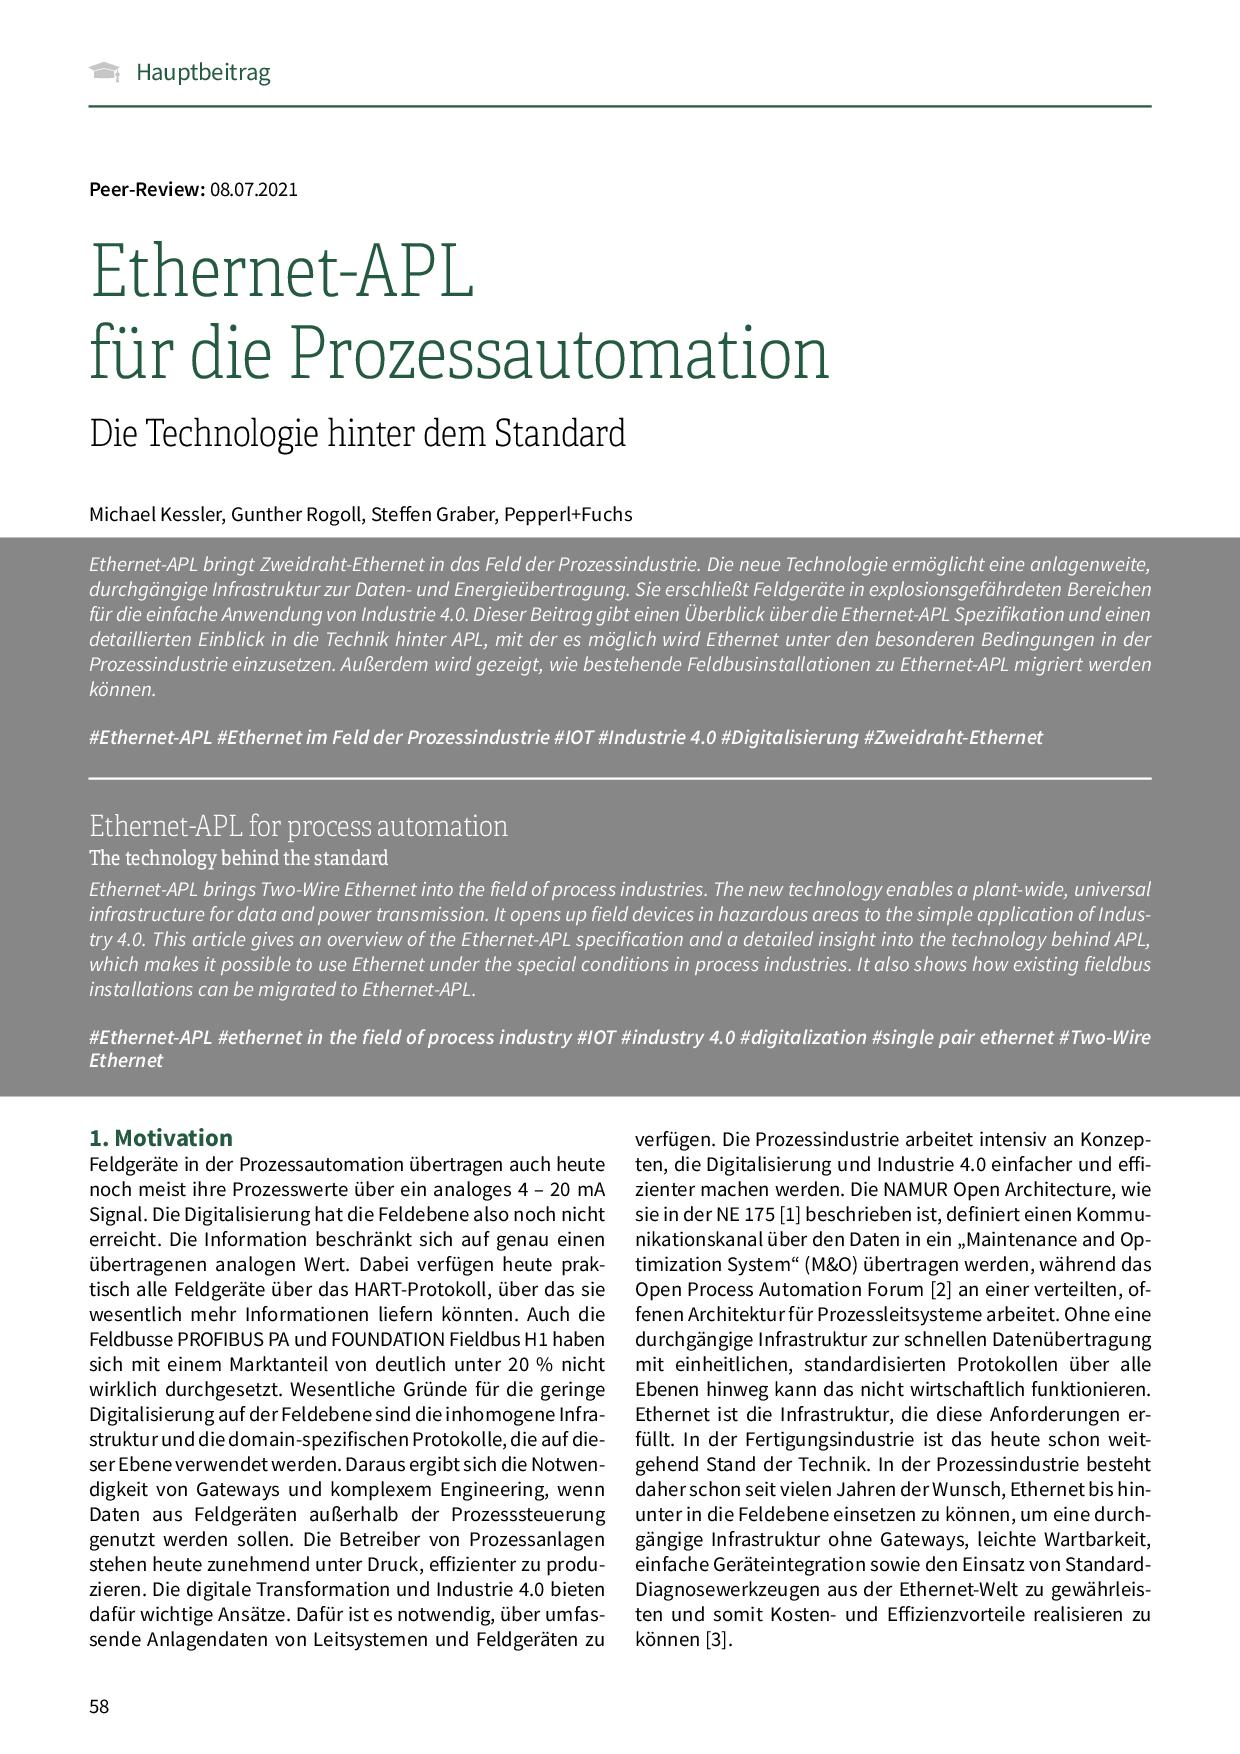 Ethernet-APL für die Prozessautomation